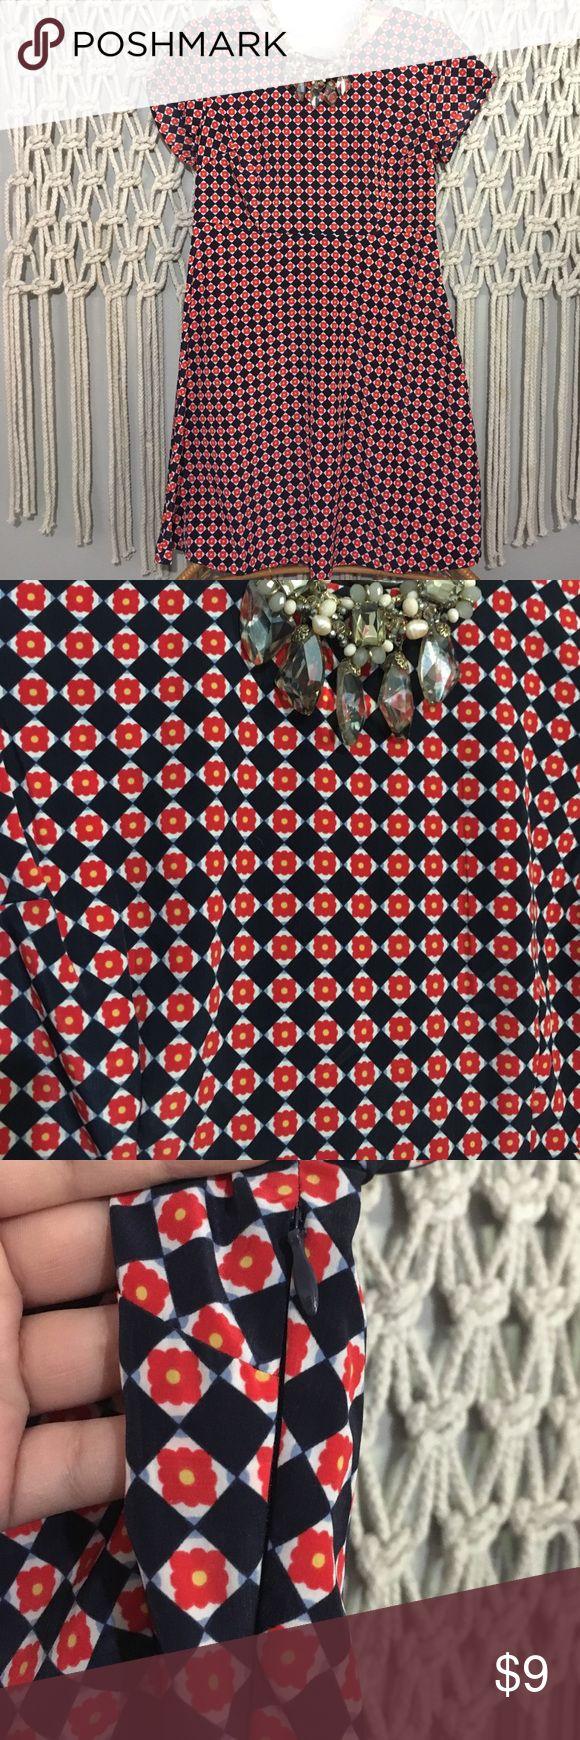 Old navy petite floral dress Old navy floral dress, size small petite, light shift dress Old Navy Dresses